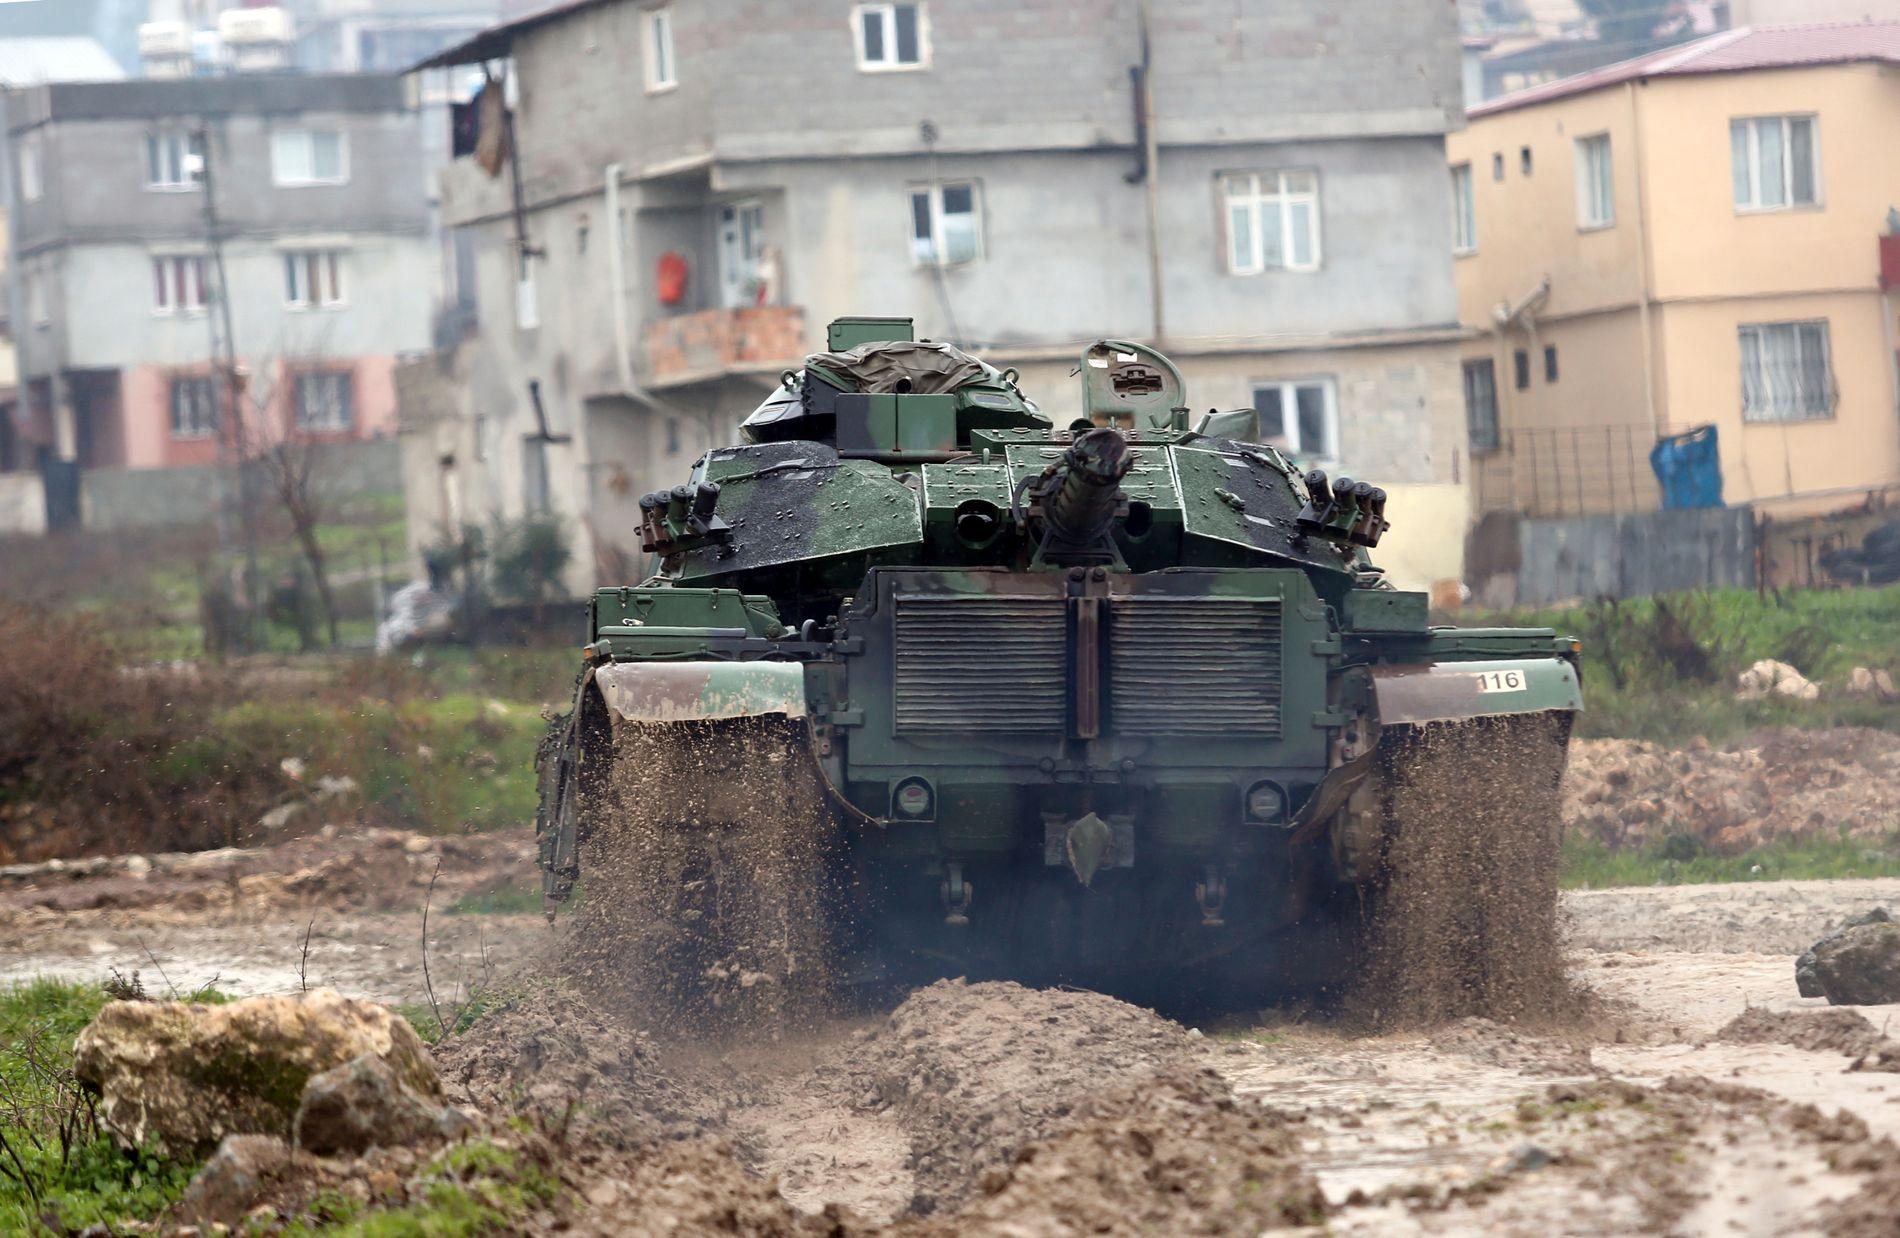 NÆR GRENSEN: En tyrkisk stridsvogn nær den syriske grensen, i byen Reyhanli i Tyrkia.